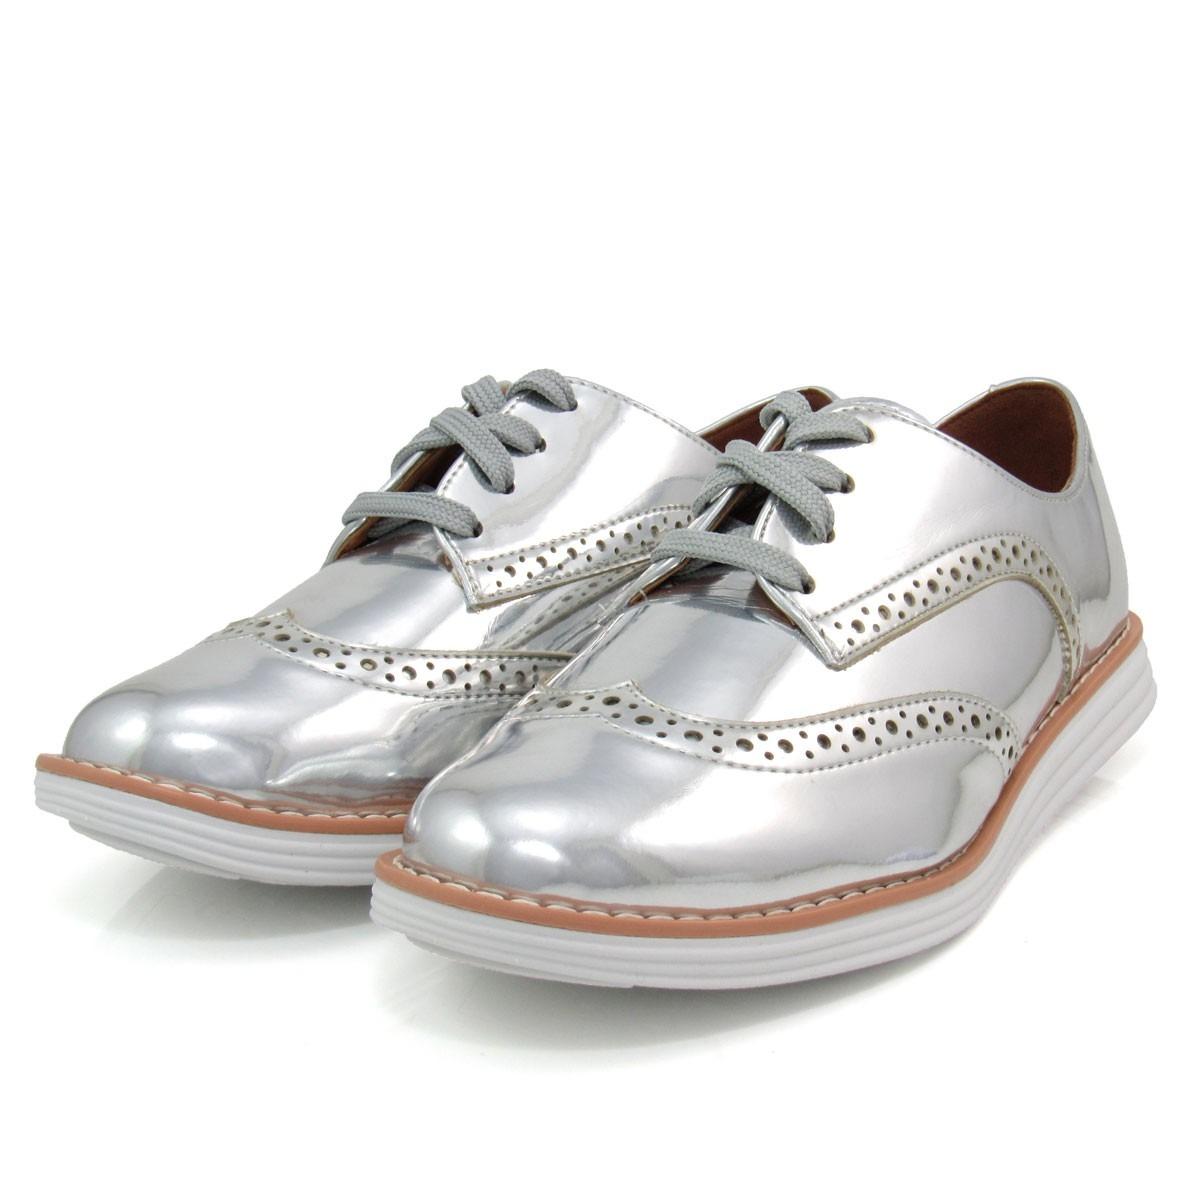 63a2e71f78 sapato feminino oxford vizzano 1231101 metalizado. Carregando zoom.